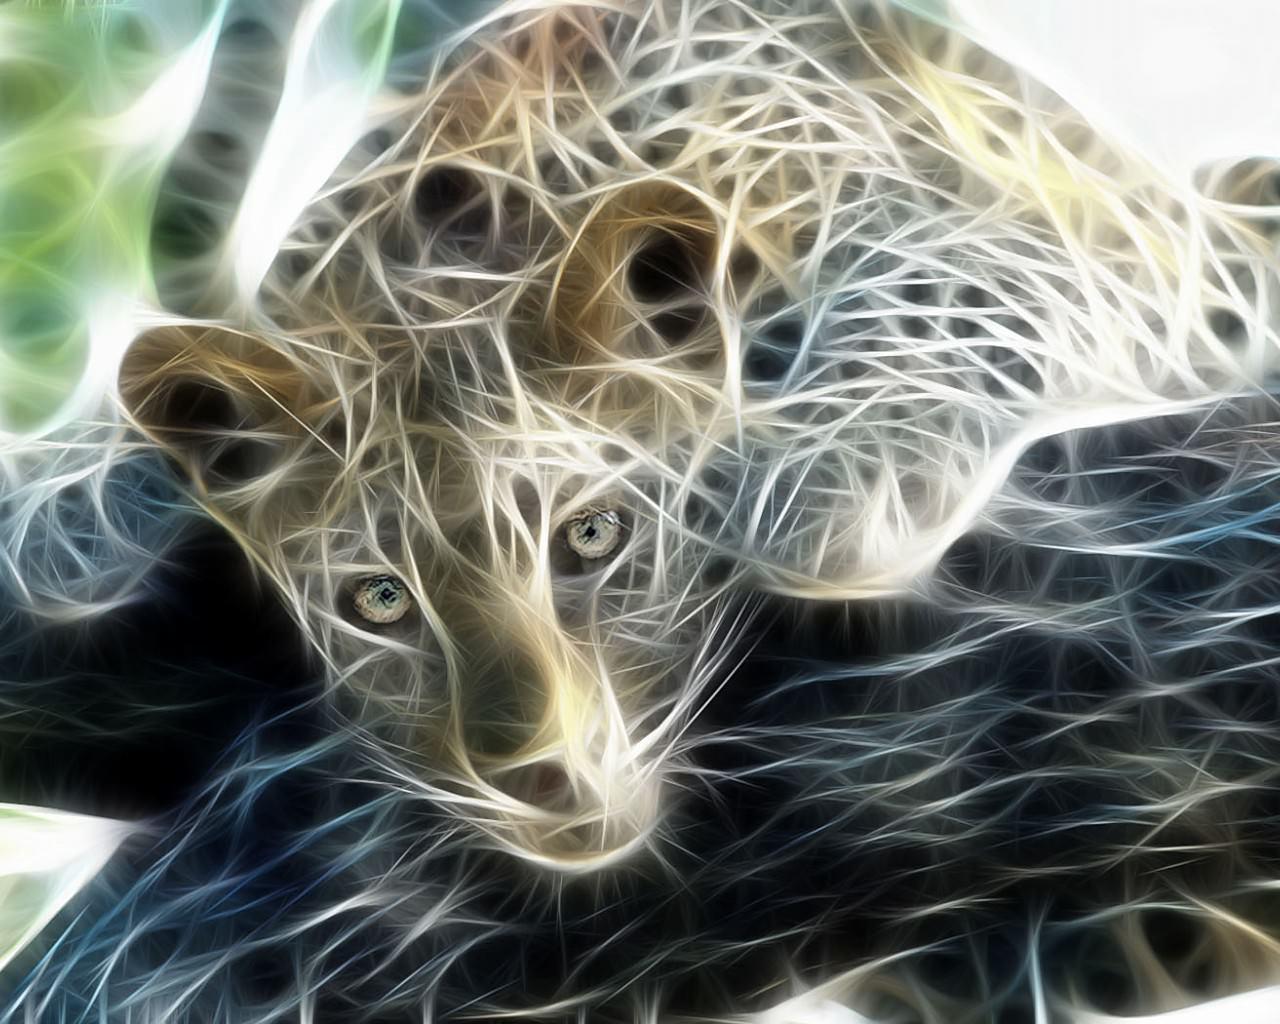 عکس حیوانات زیبا برای کامپیوتر